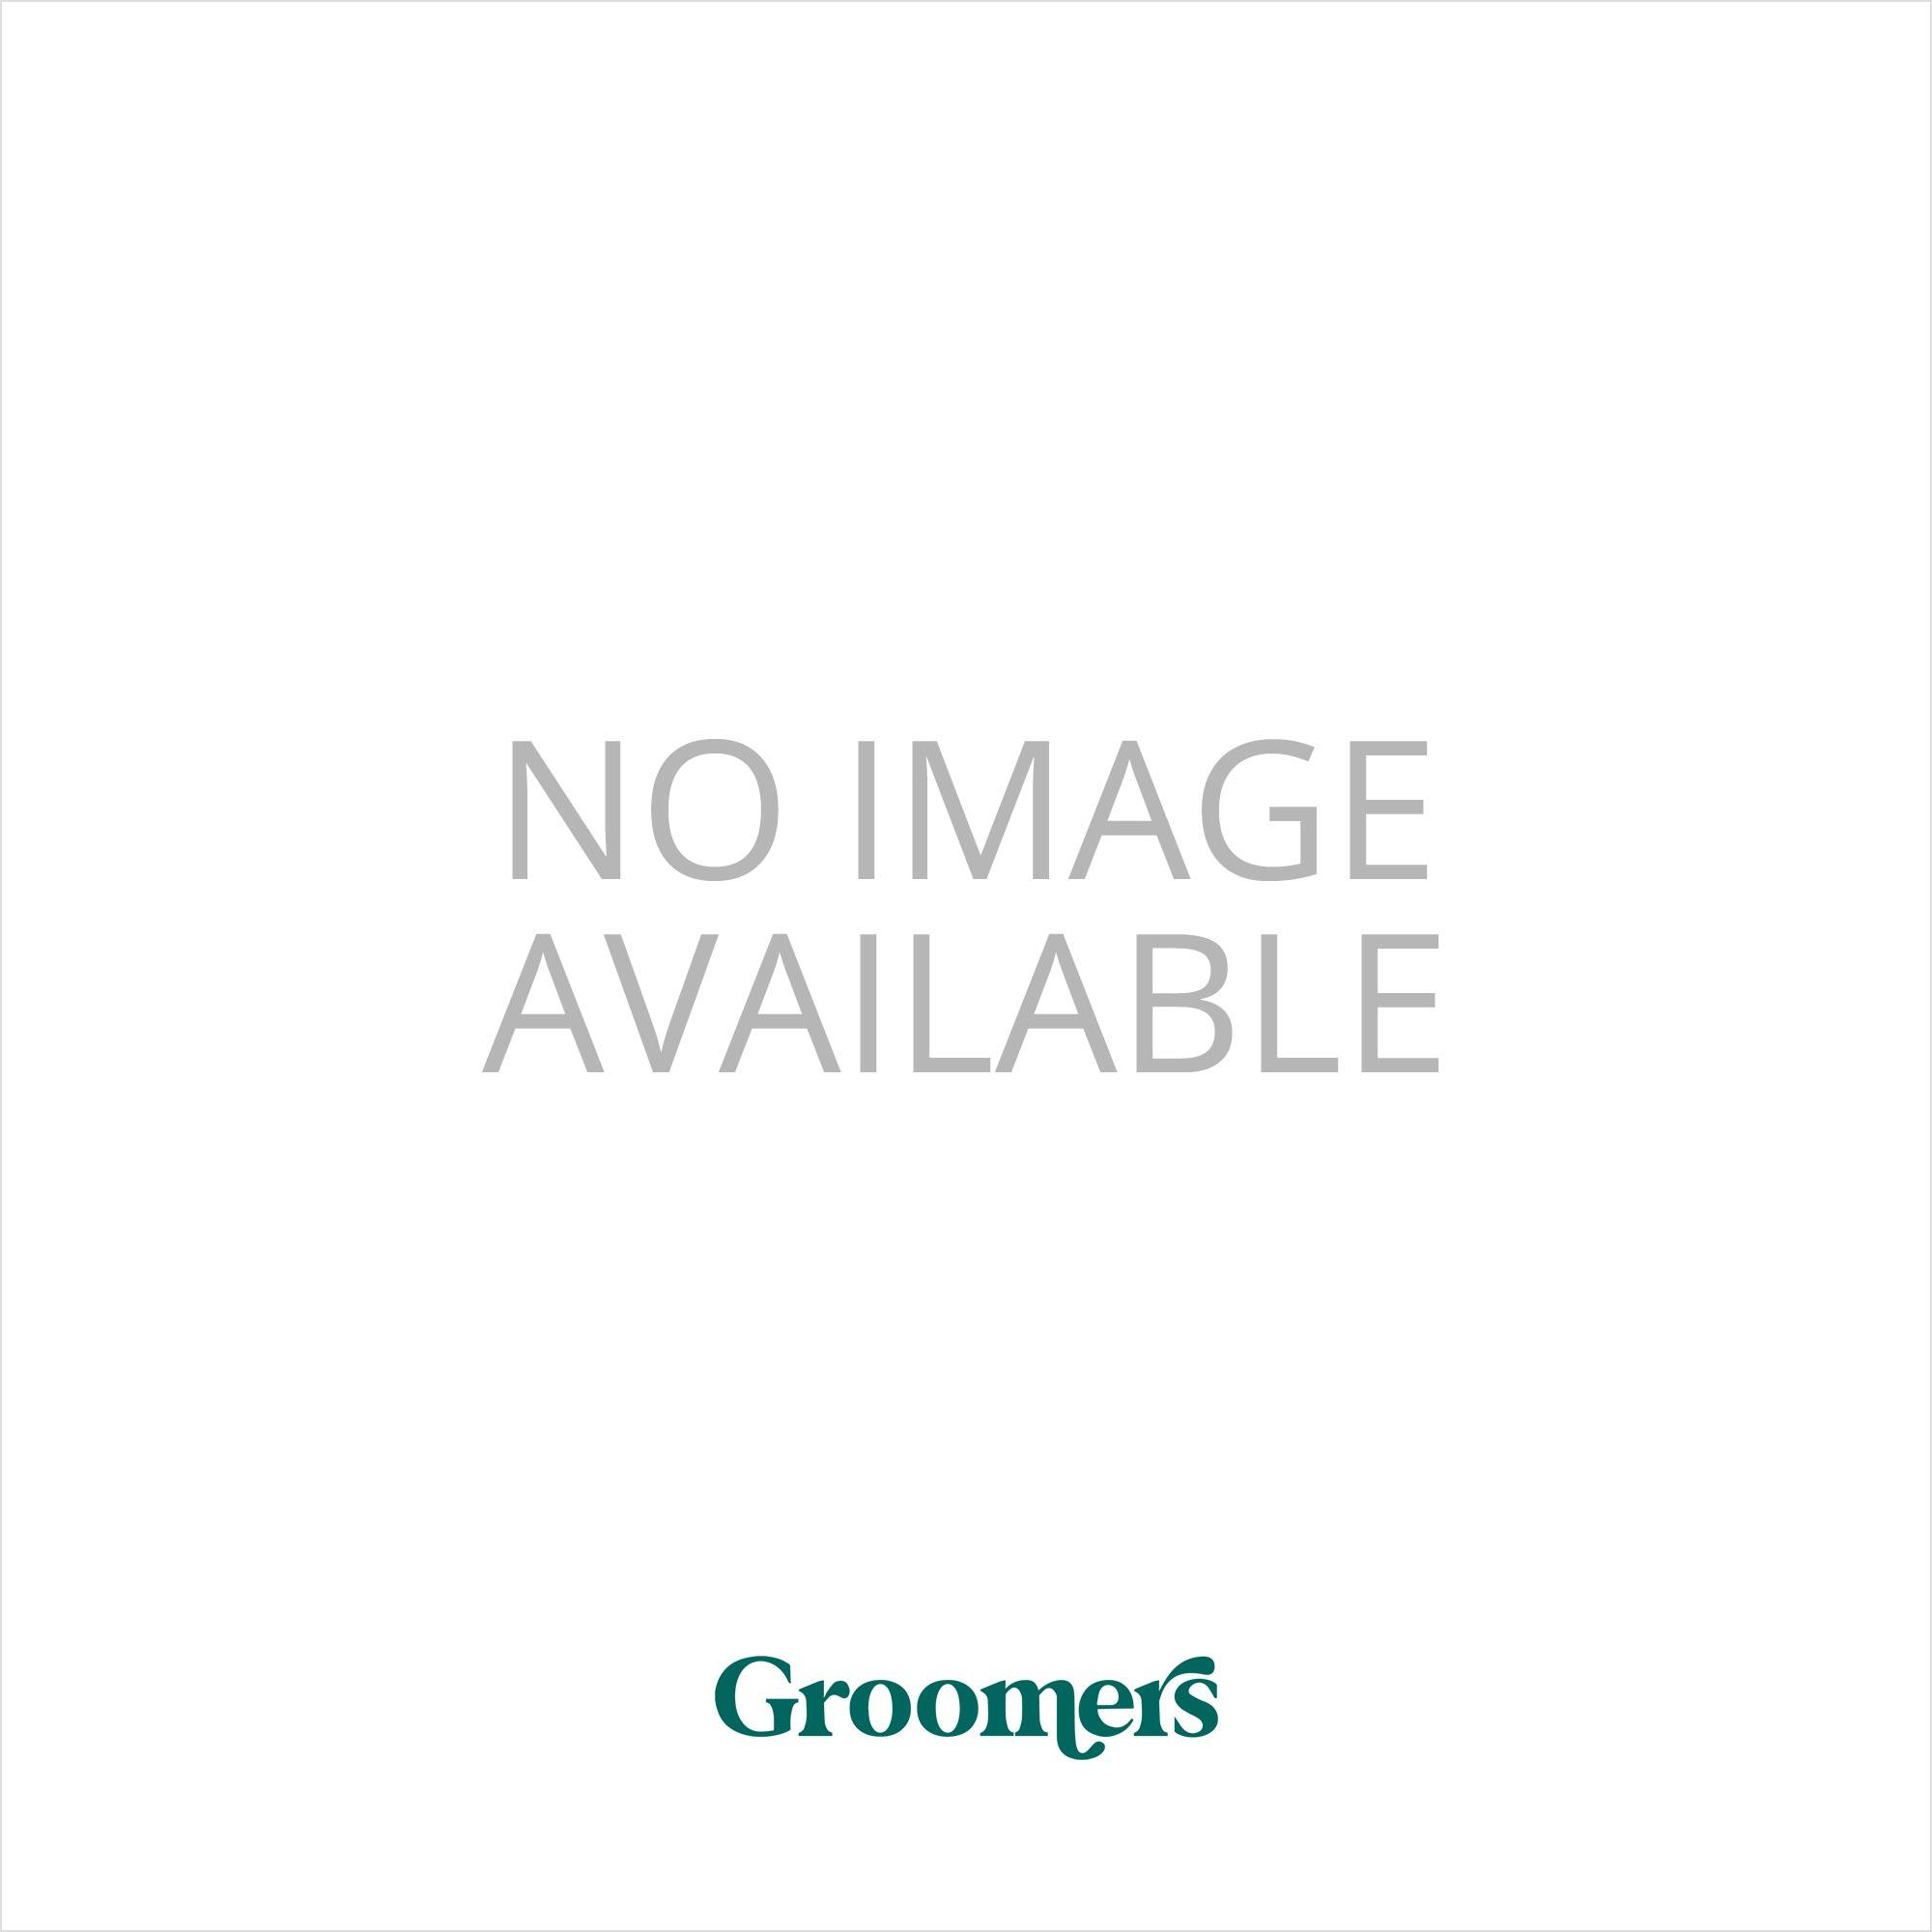 Groomers Elite Top 10 Tools Bundle - NEW